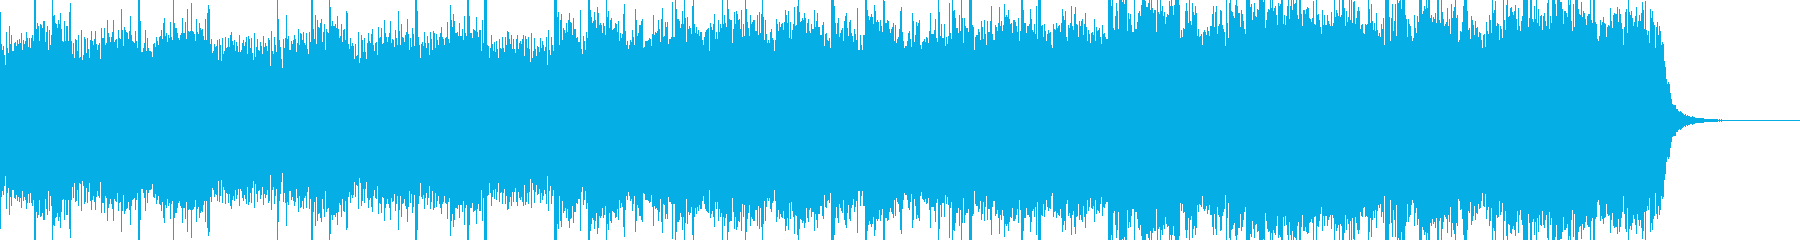 企業VP向け感動的なピアノBGMの再生済みの波形